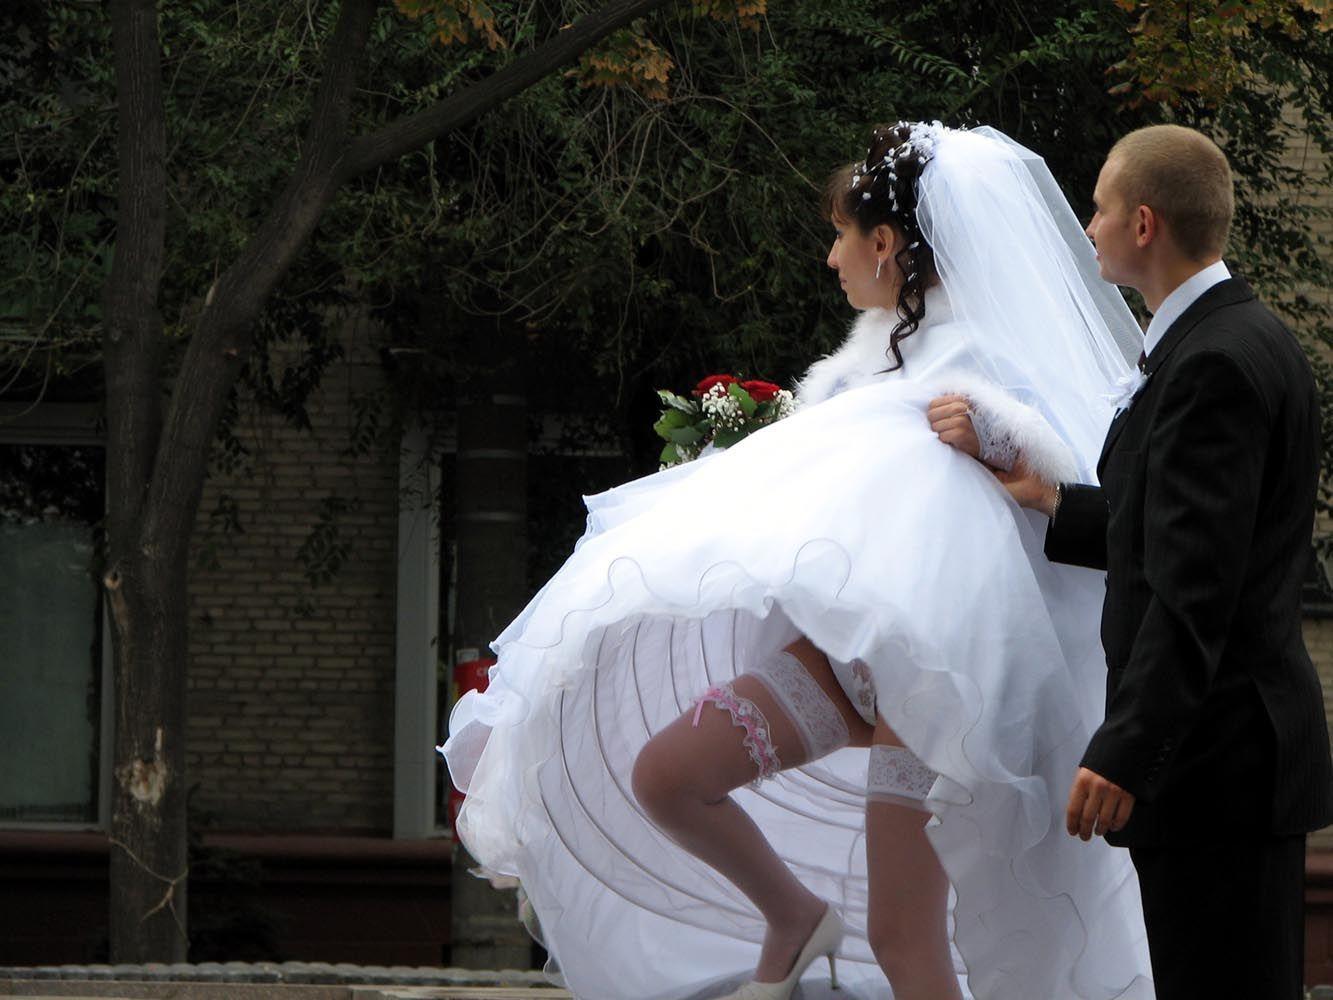 Смотреть голых пьяных невест на свадьбе в курске бесплатно фото 9 фотография